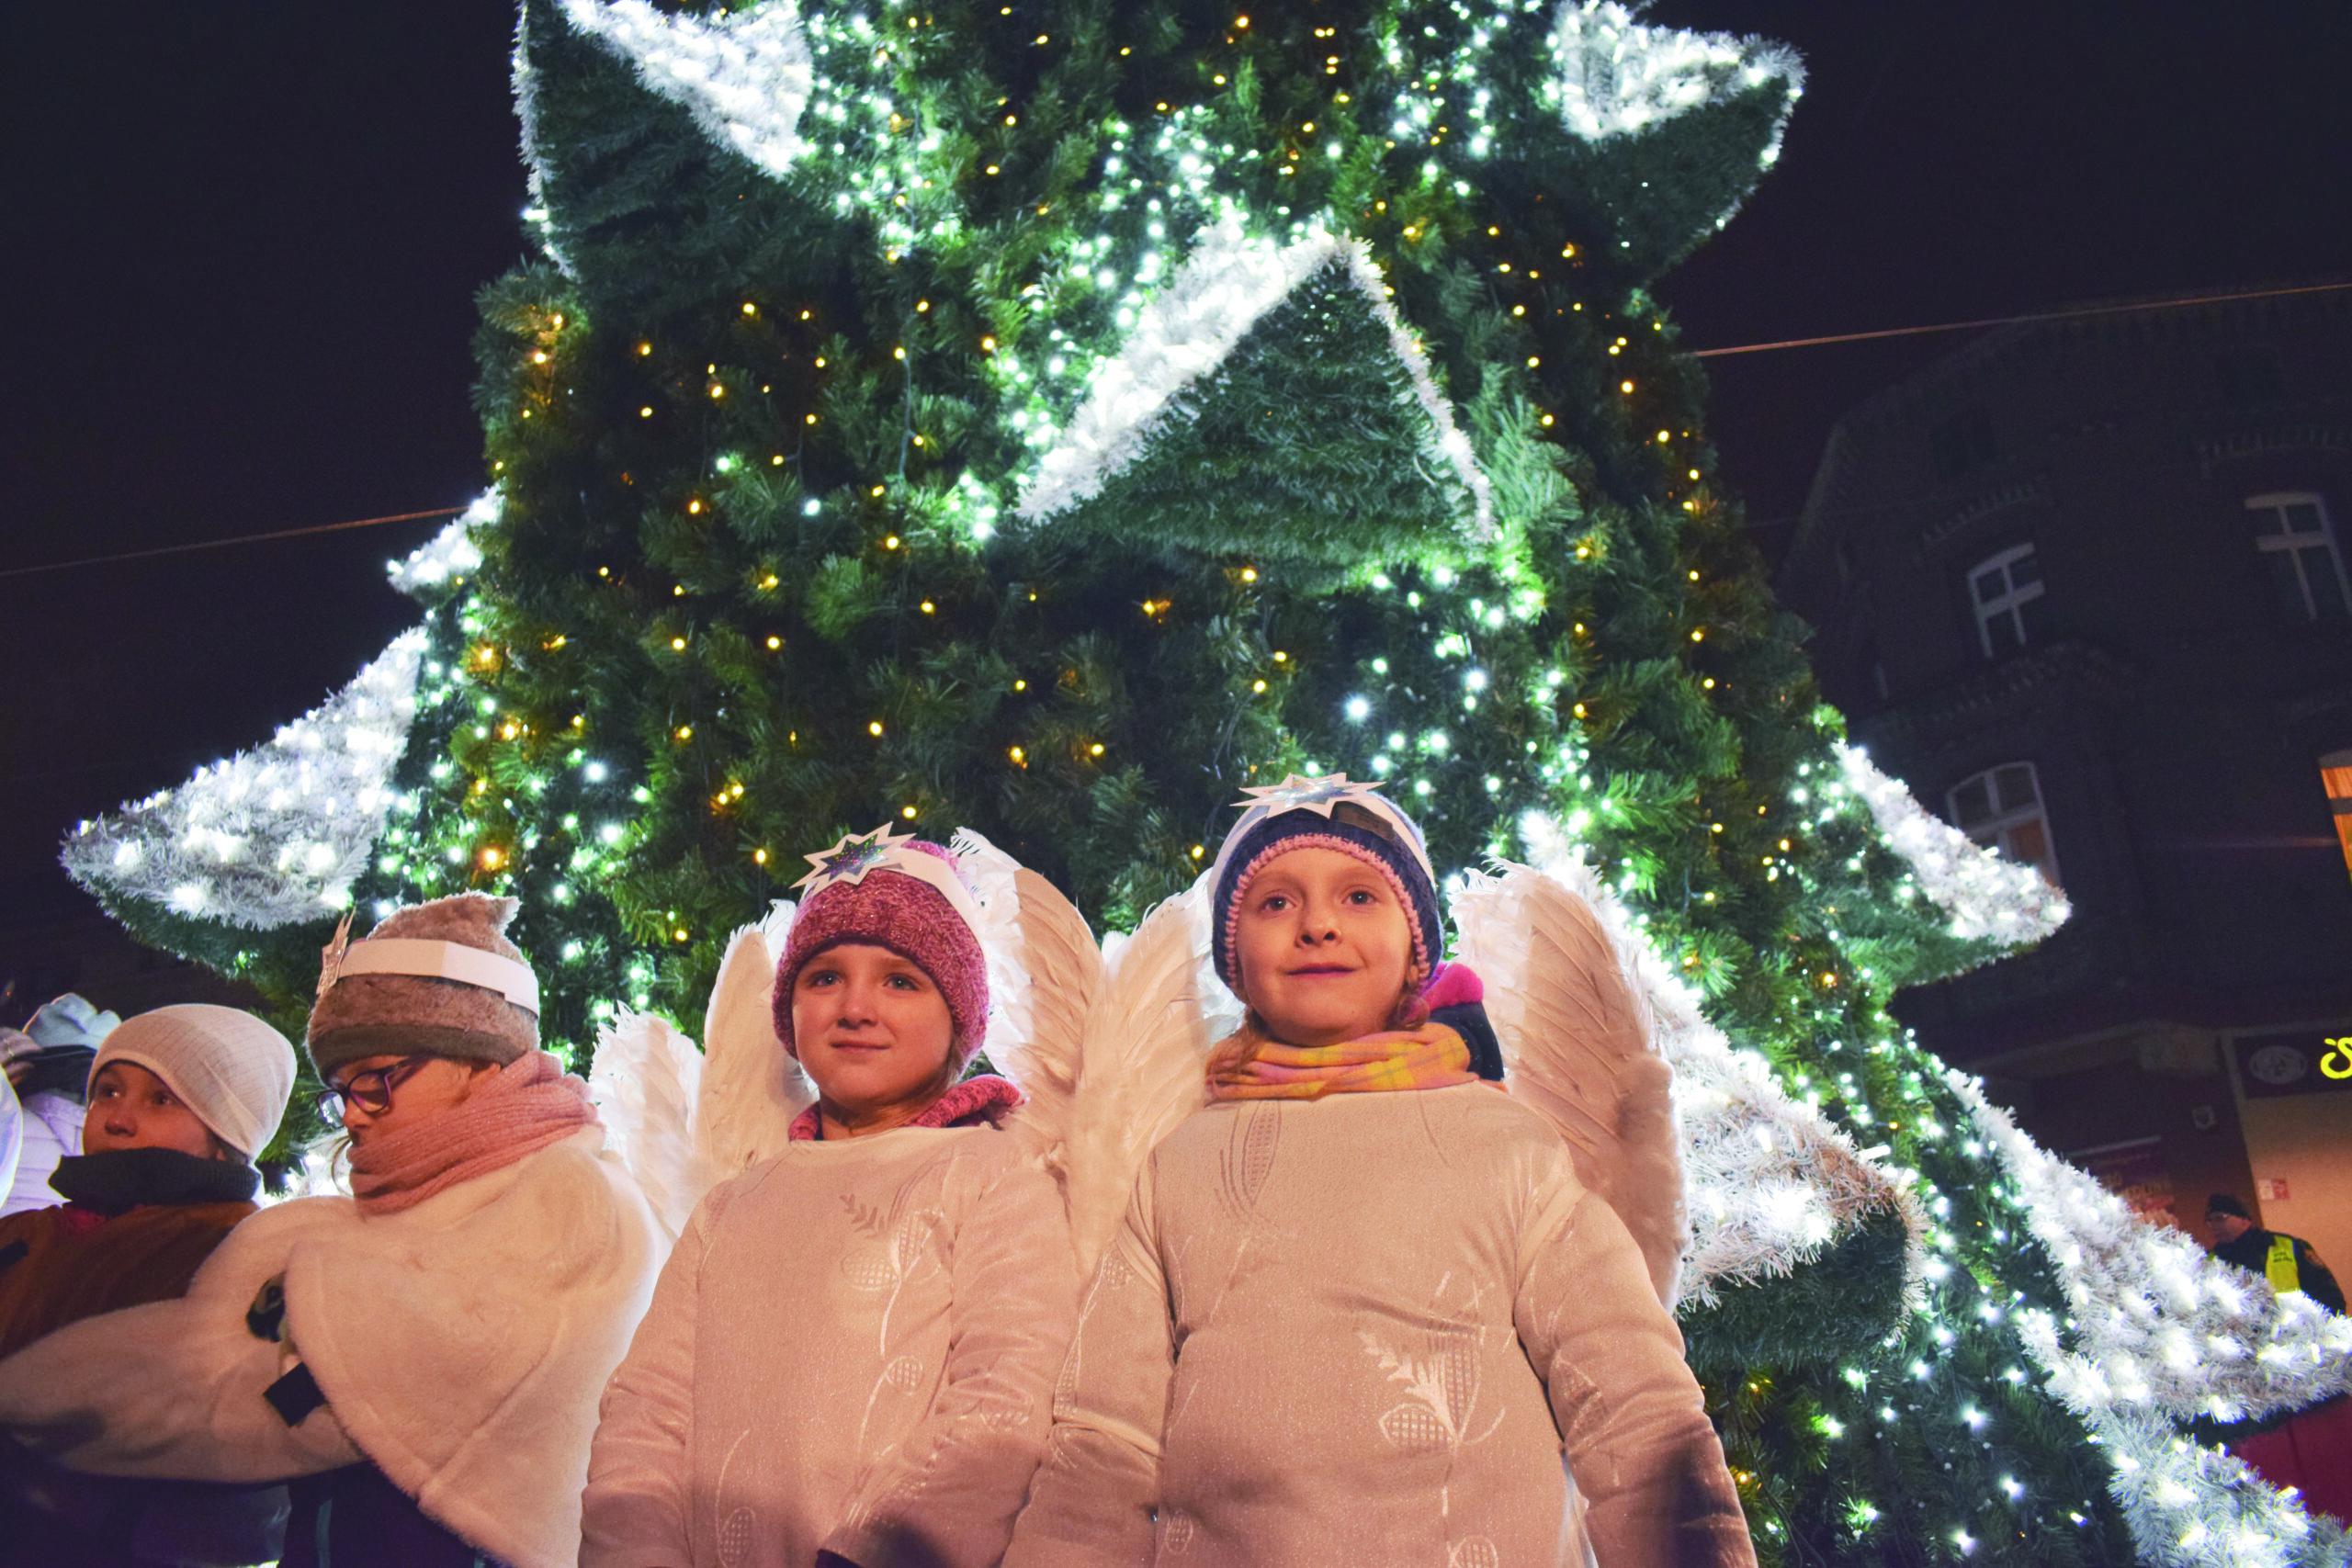 świątecznie udekorowana choinka a wokół niej dzieci